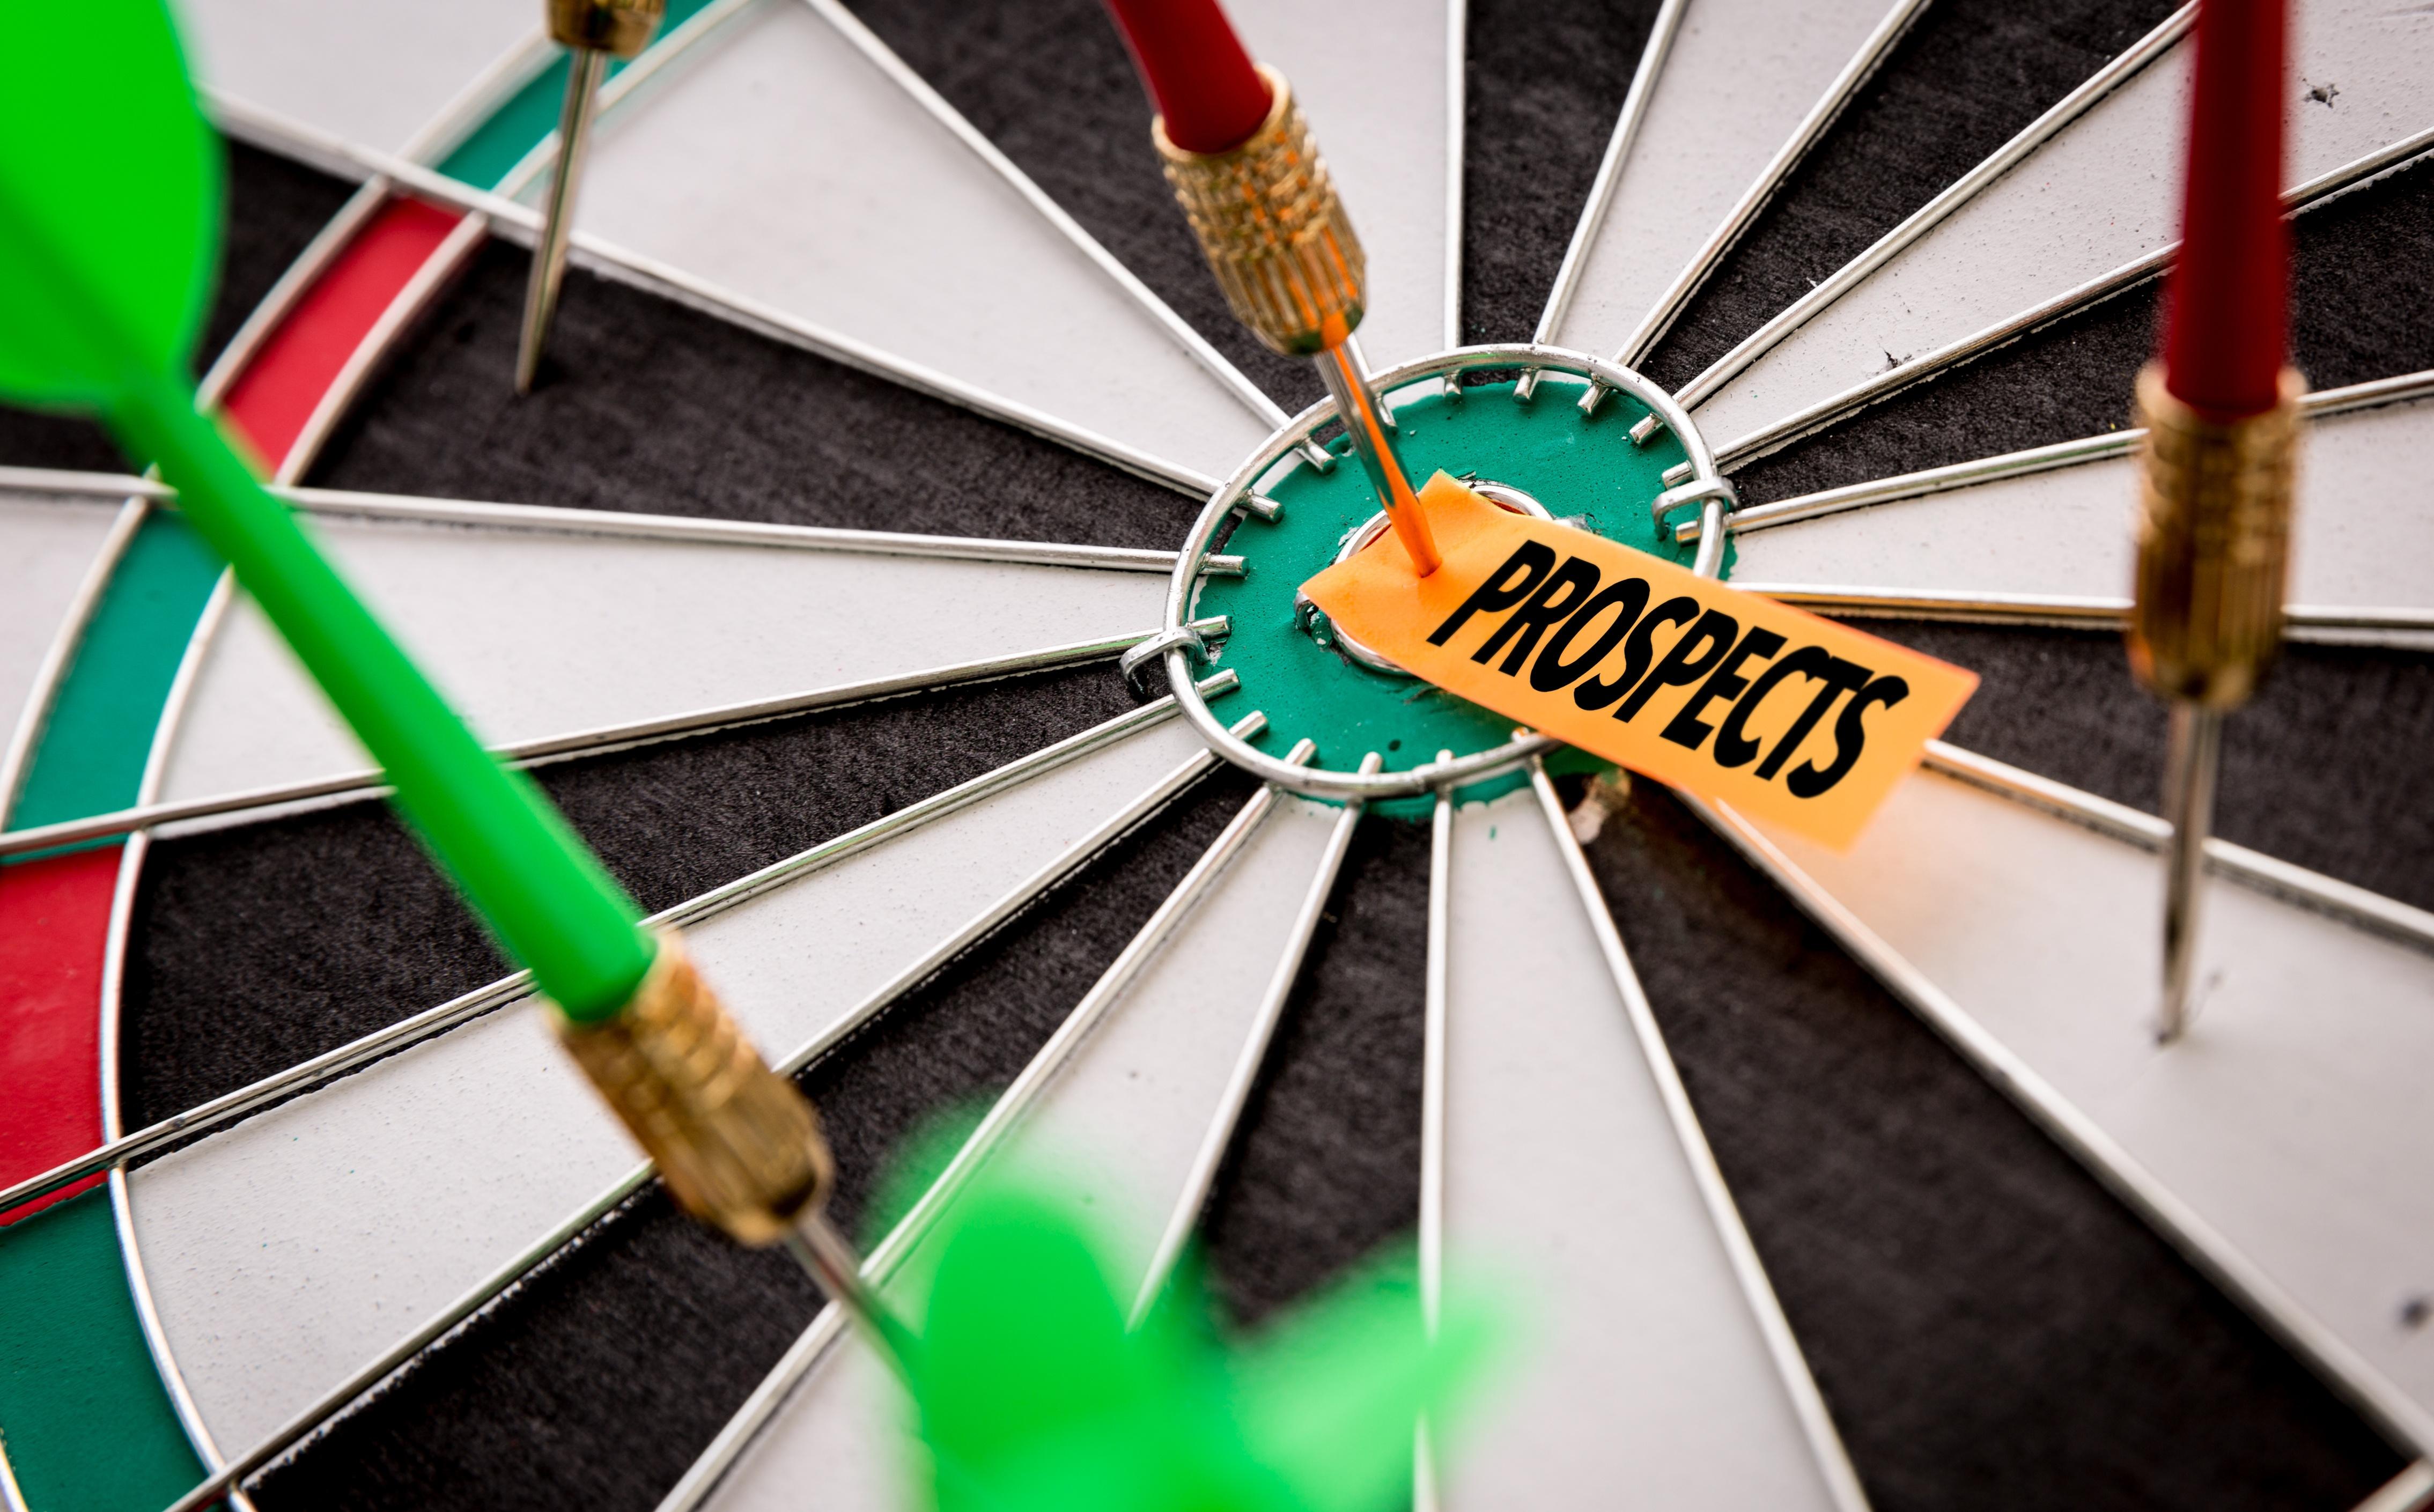 Le customer delight, la mentalité en amont de la stratégie